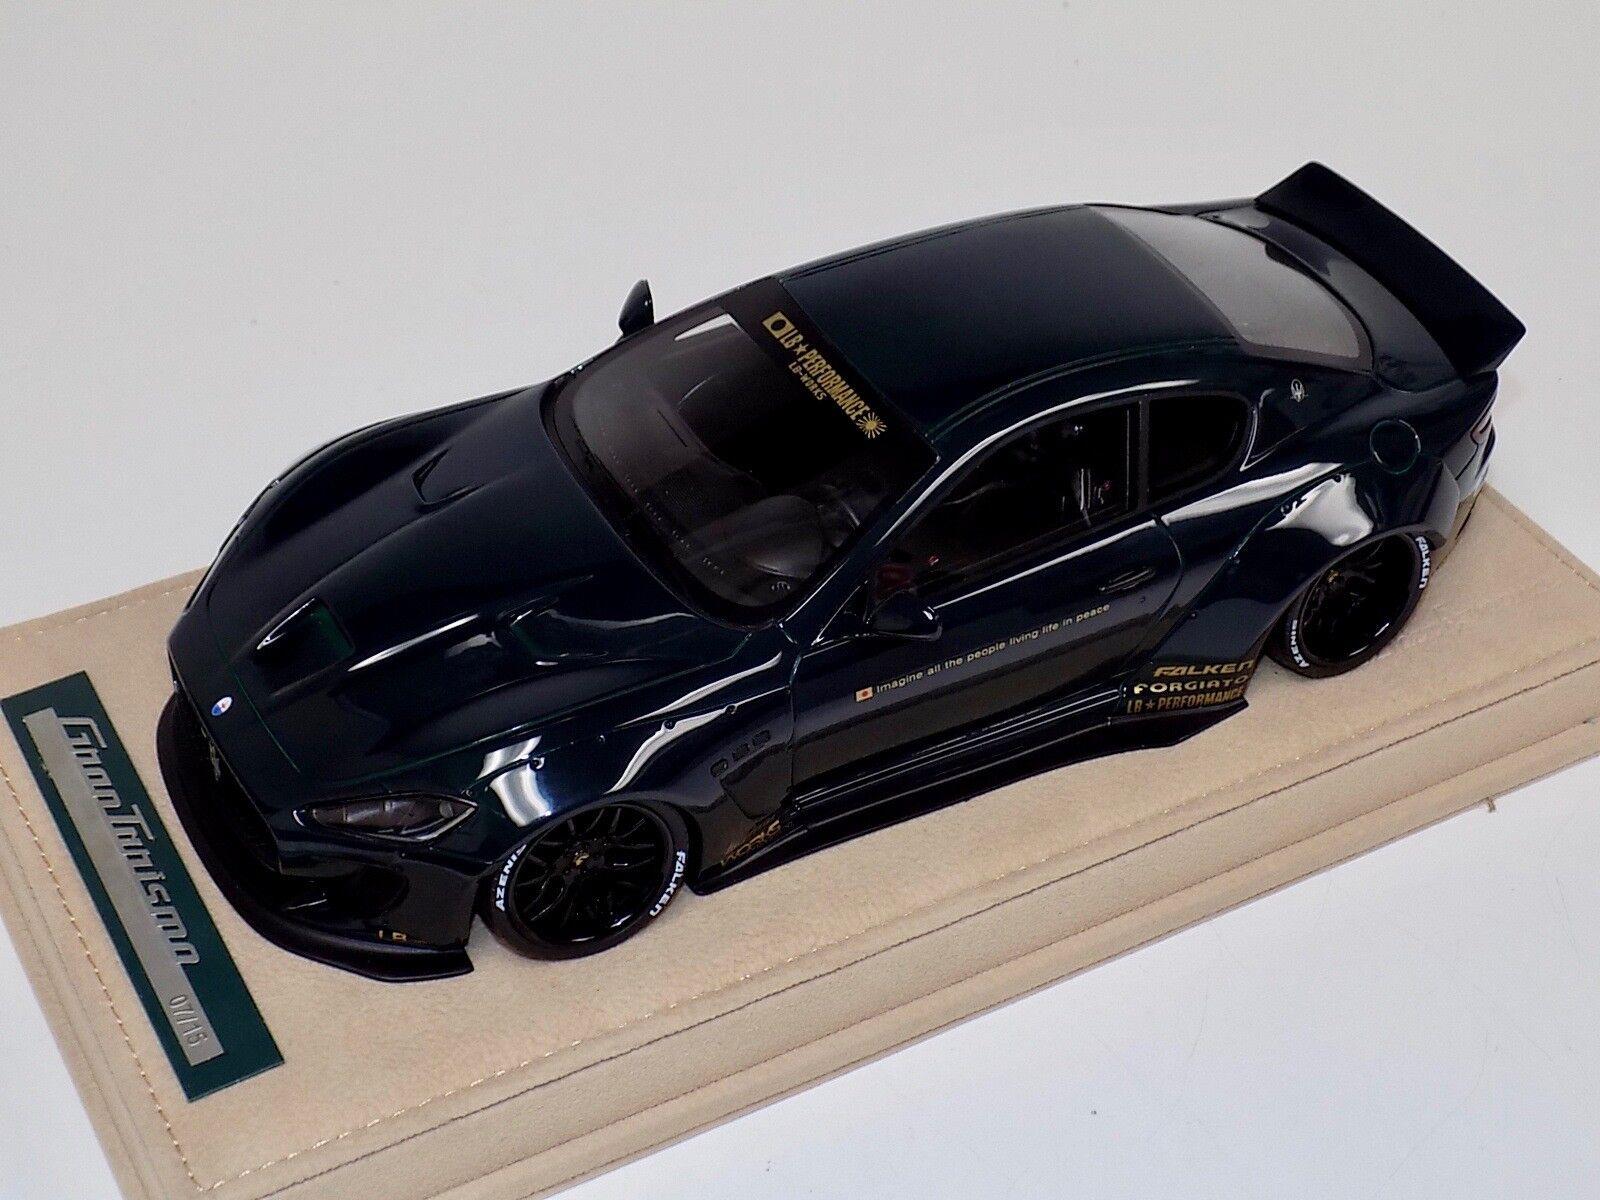 1 18 AB Models Models Models Maserati Granturismo Liberty walk Green No Decals Alcantara e66